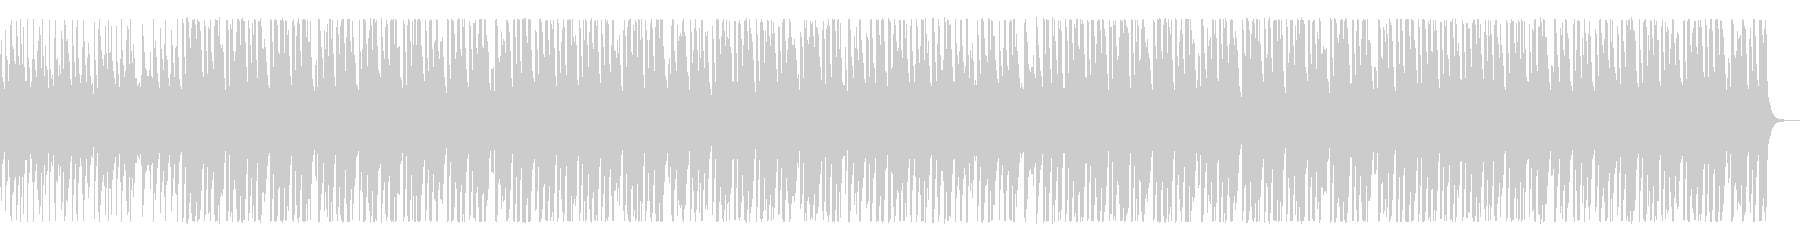 【リズム抜き】木琴とウクレレの軽快なア…の未再生の波形